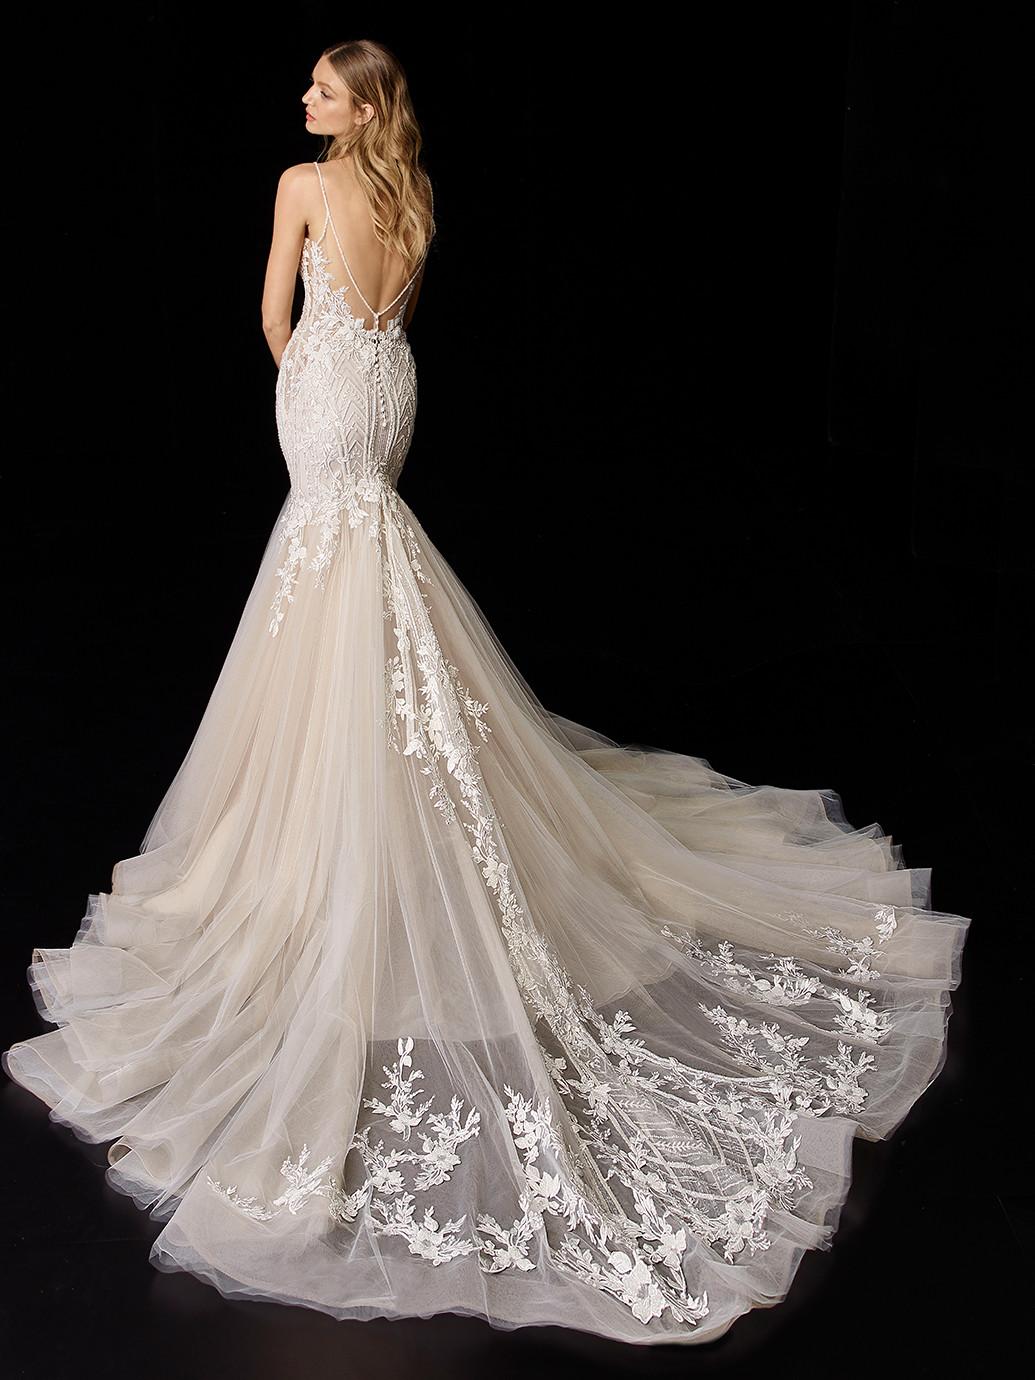 Nudefarbenes Hochzeitskleid mit Tüllrock, bestickter Spitze und transparentem Top von Enzoani, Modell Perla